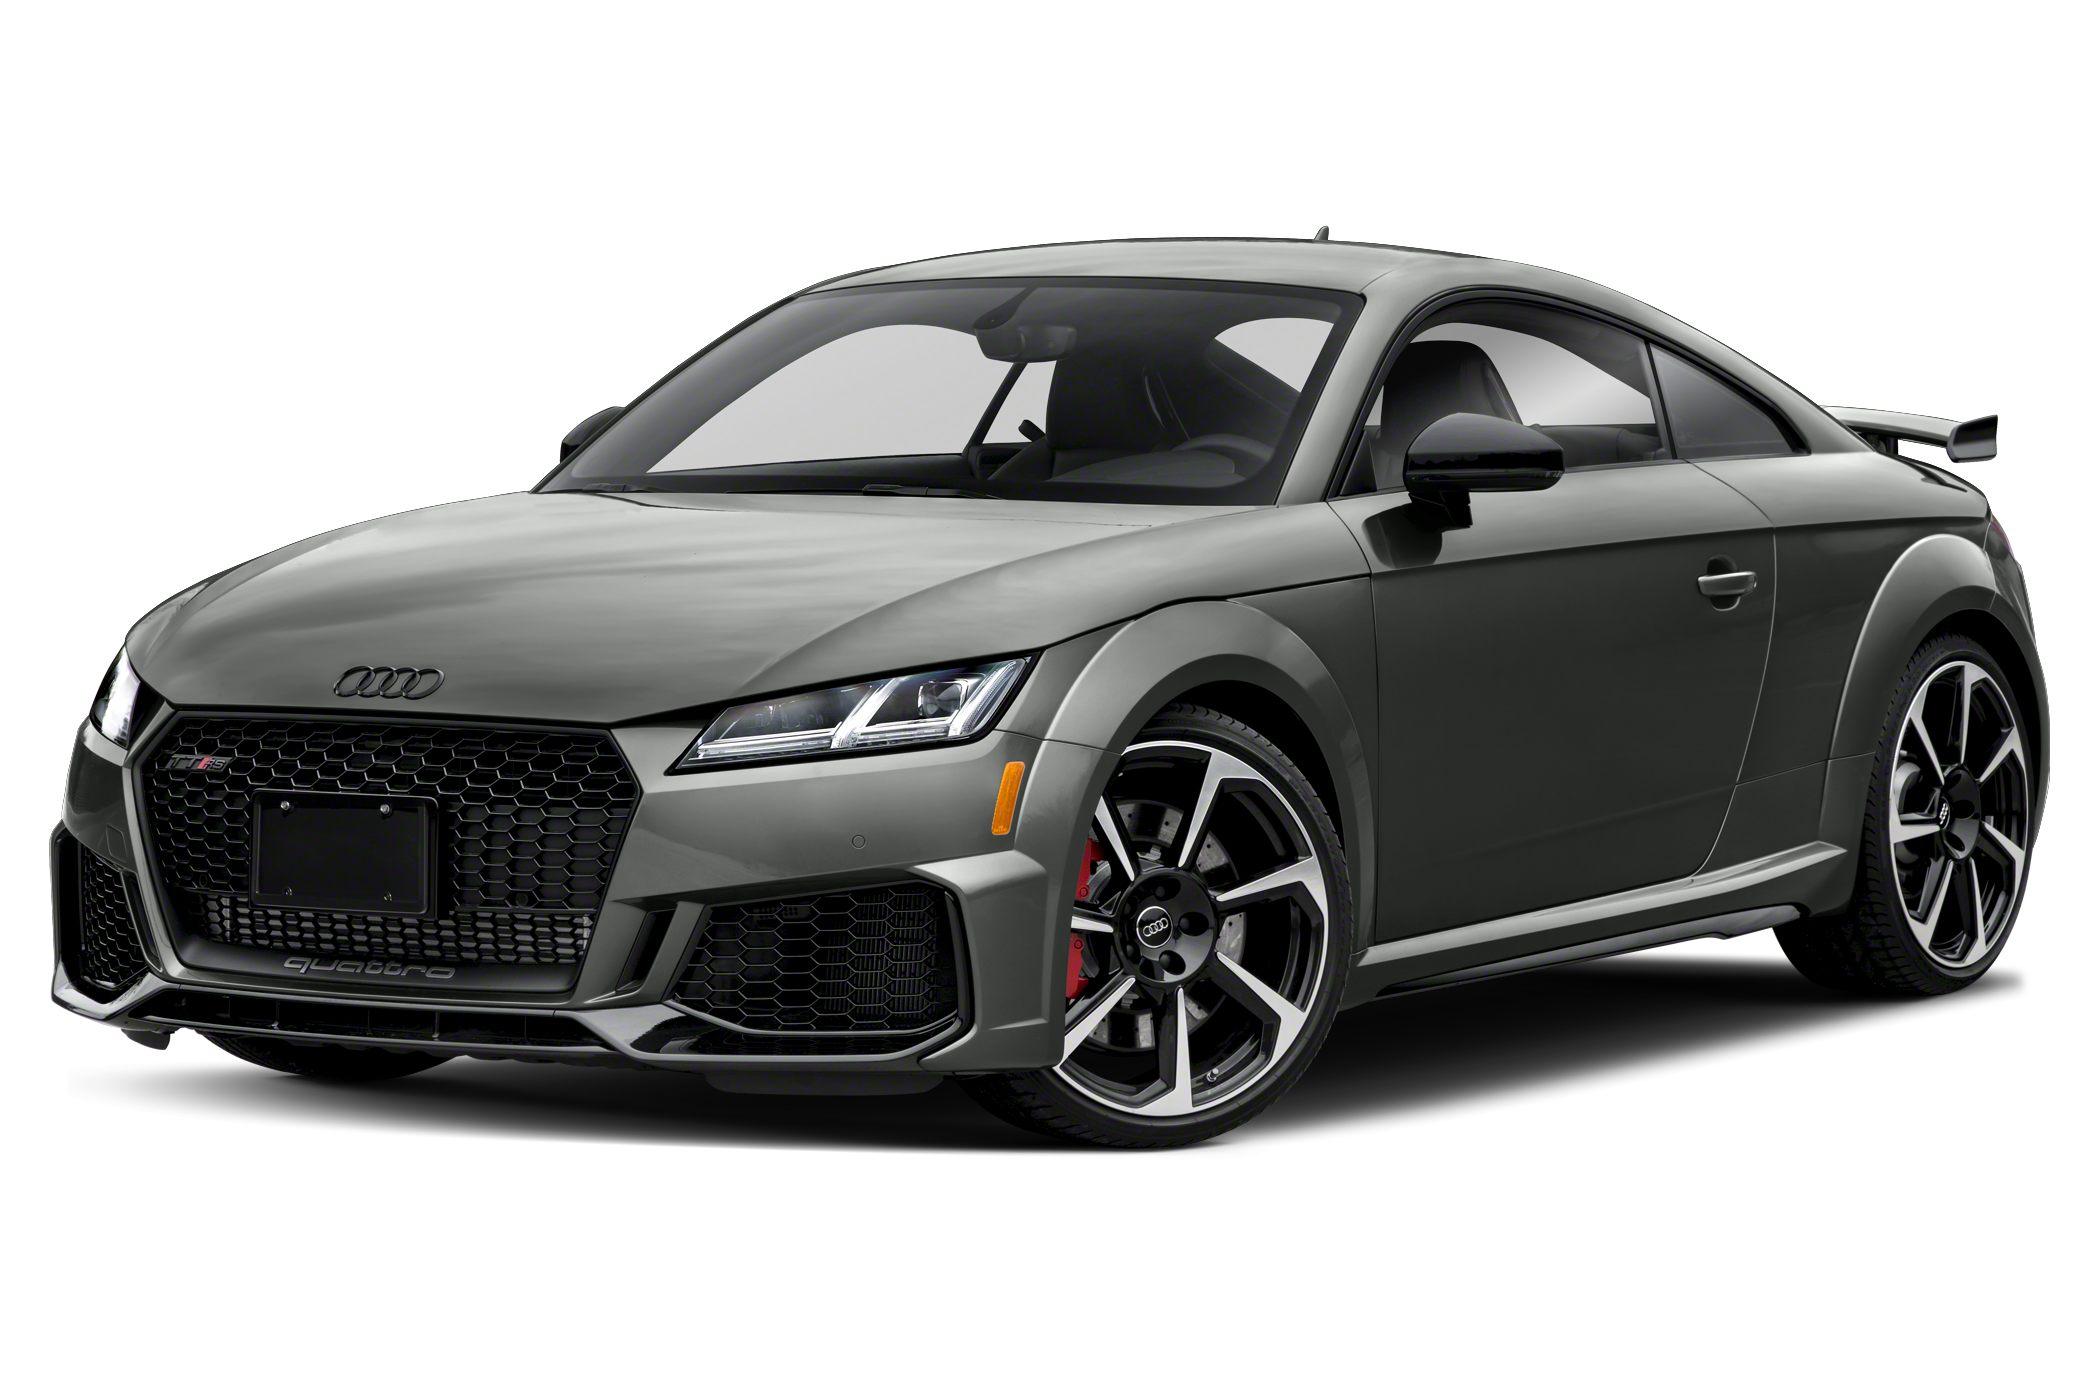 2020 Audi Tt Rs Rebates And Incentives